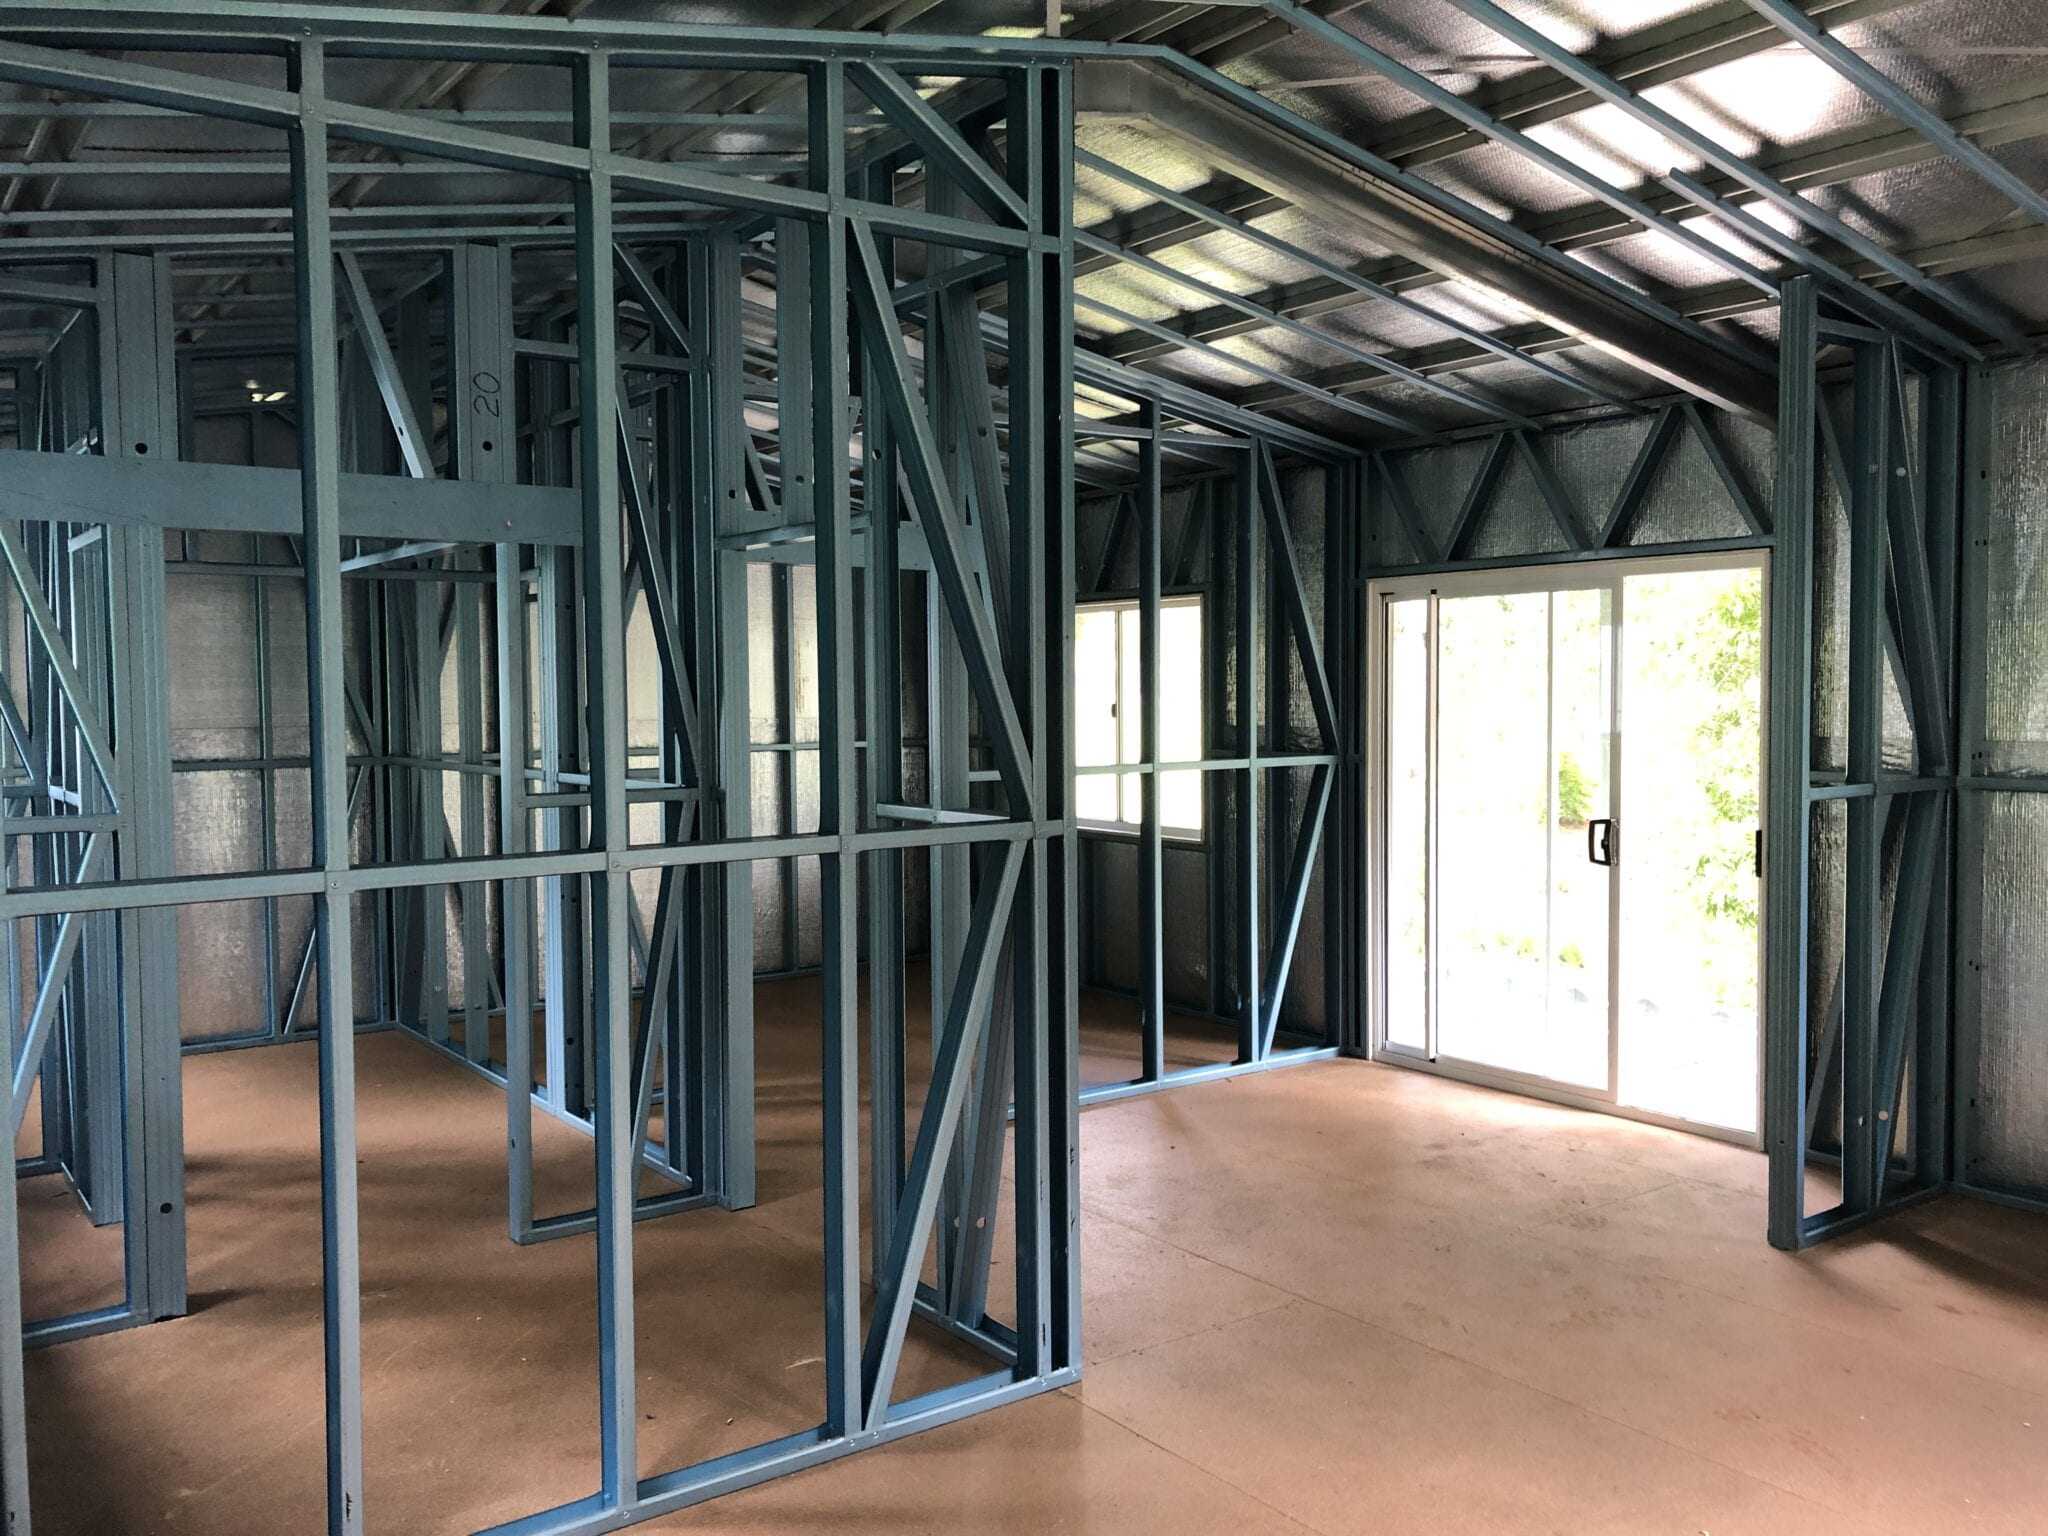 Gable stilts green livable steel frame inside (2)